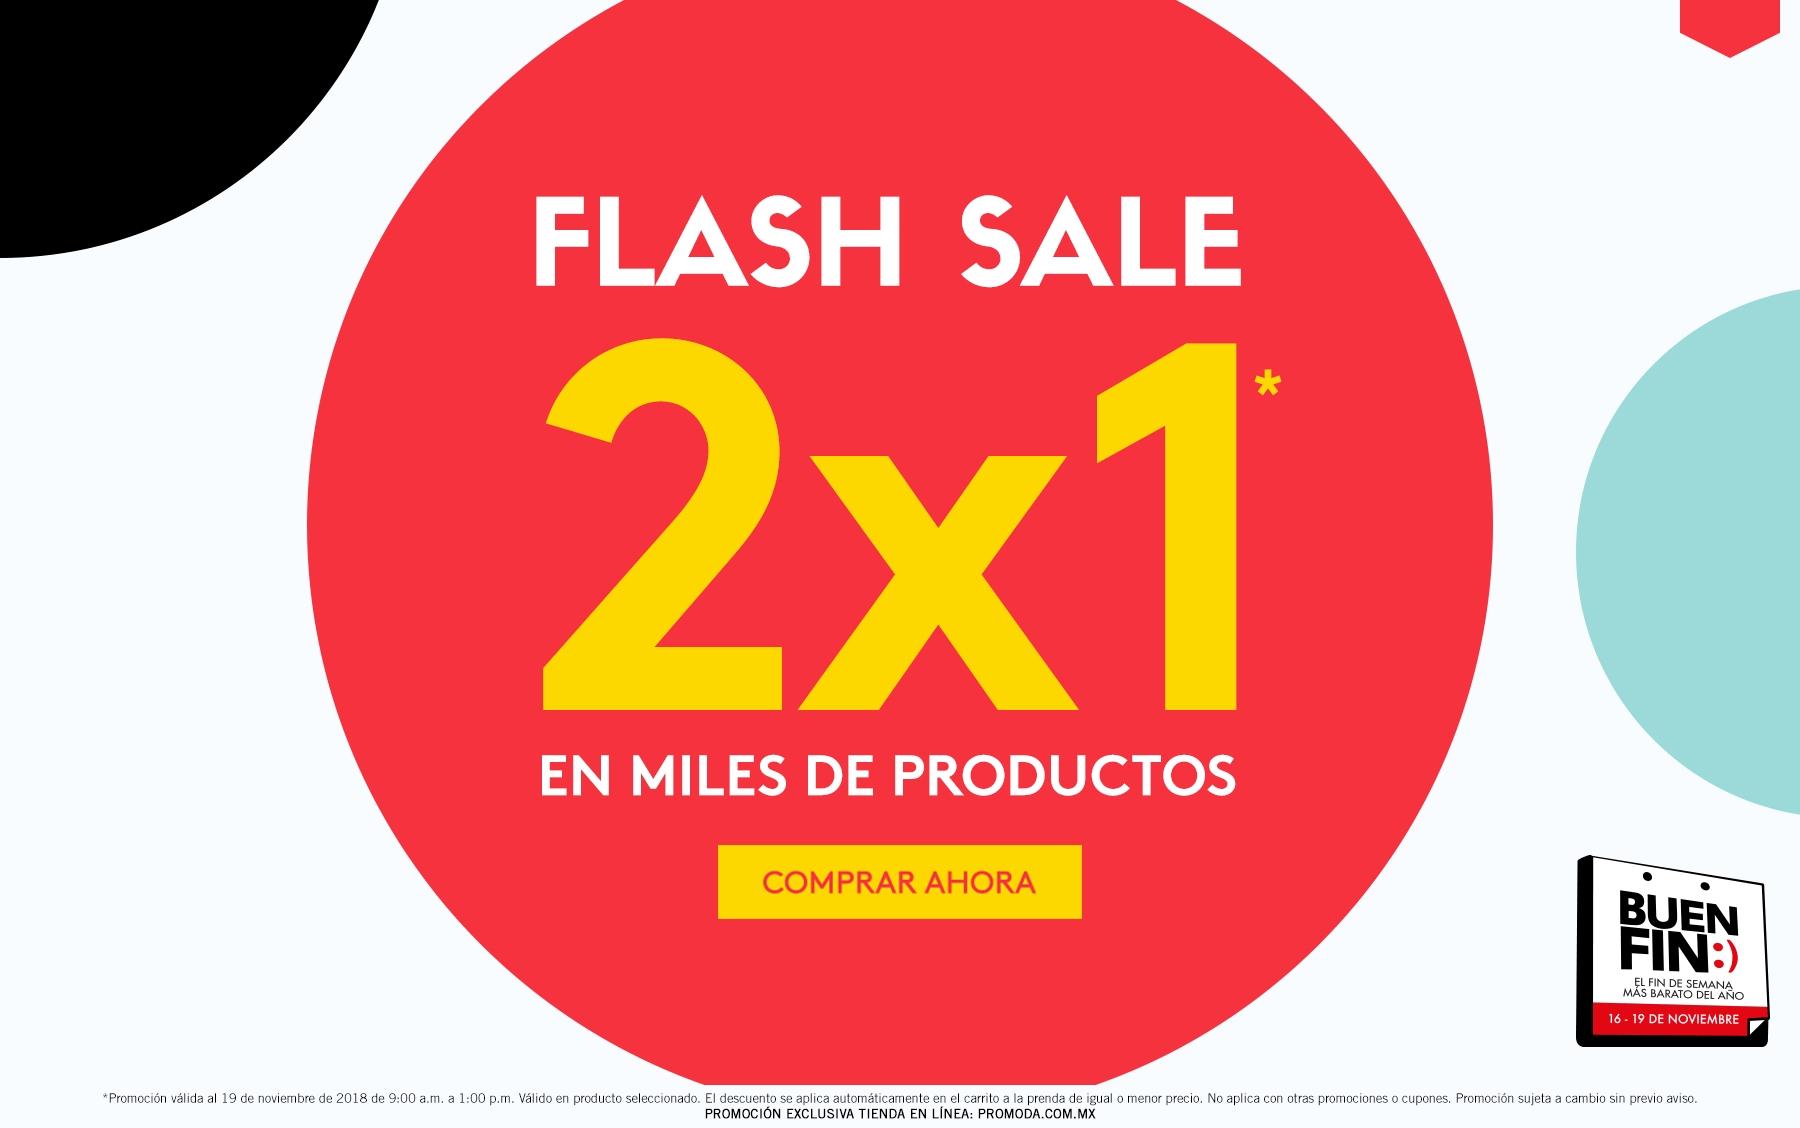 Promoda Outlet: Flash Sale: 2 x 1 en miles de productos a lo ya rebajado